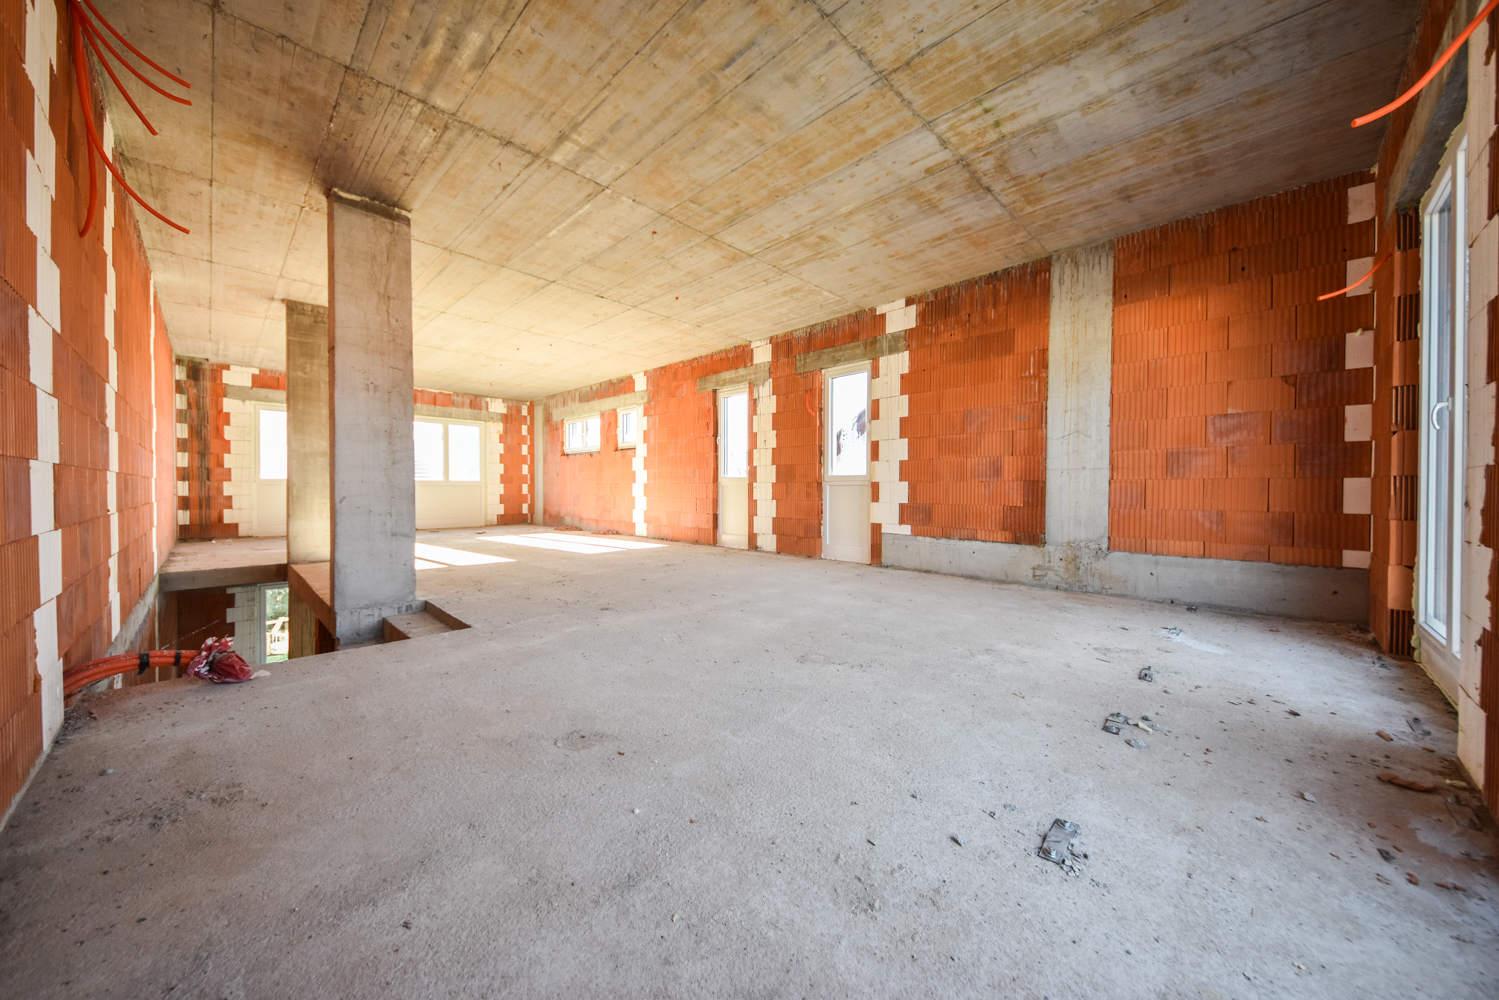 Novogradnja Dvojček v neposredni bližini centra Domžal 8